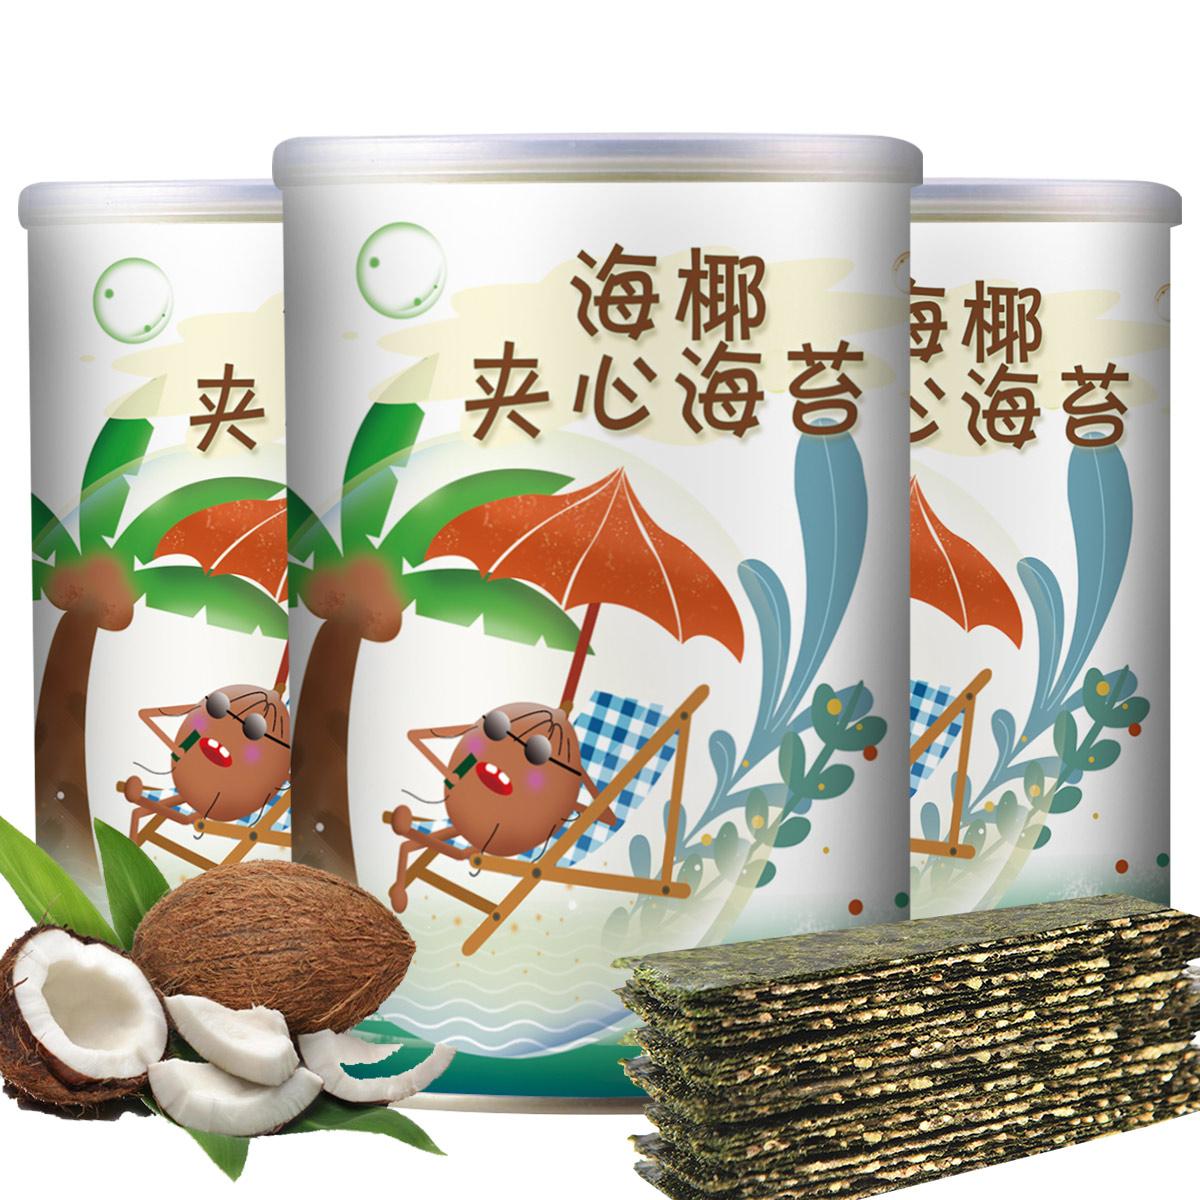 唯仟3罐 海椰夹心海苔芝麻夹心海苔夹心脆儿童海苔寿司即食海苔饼干COLOR其它颜色